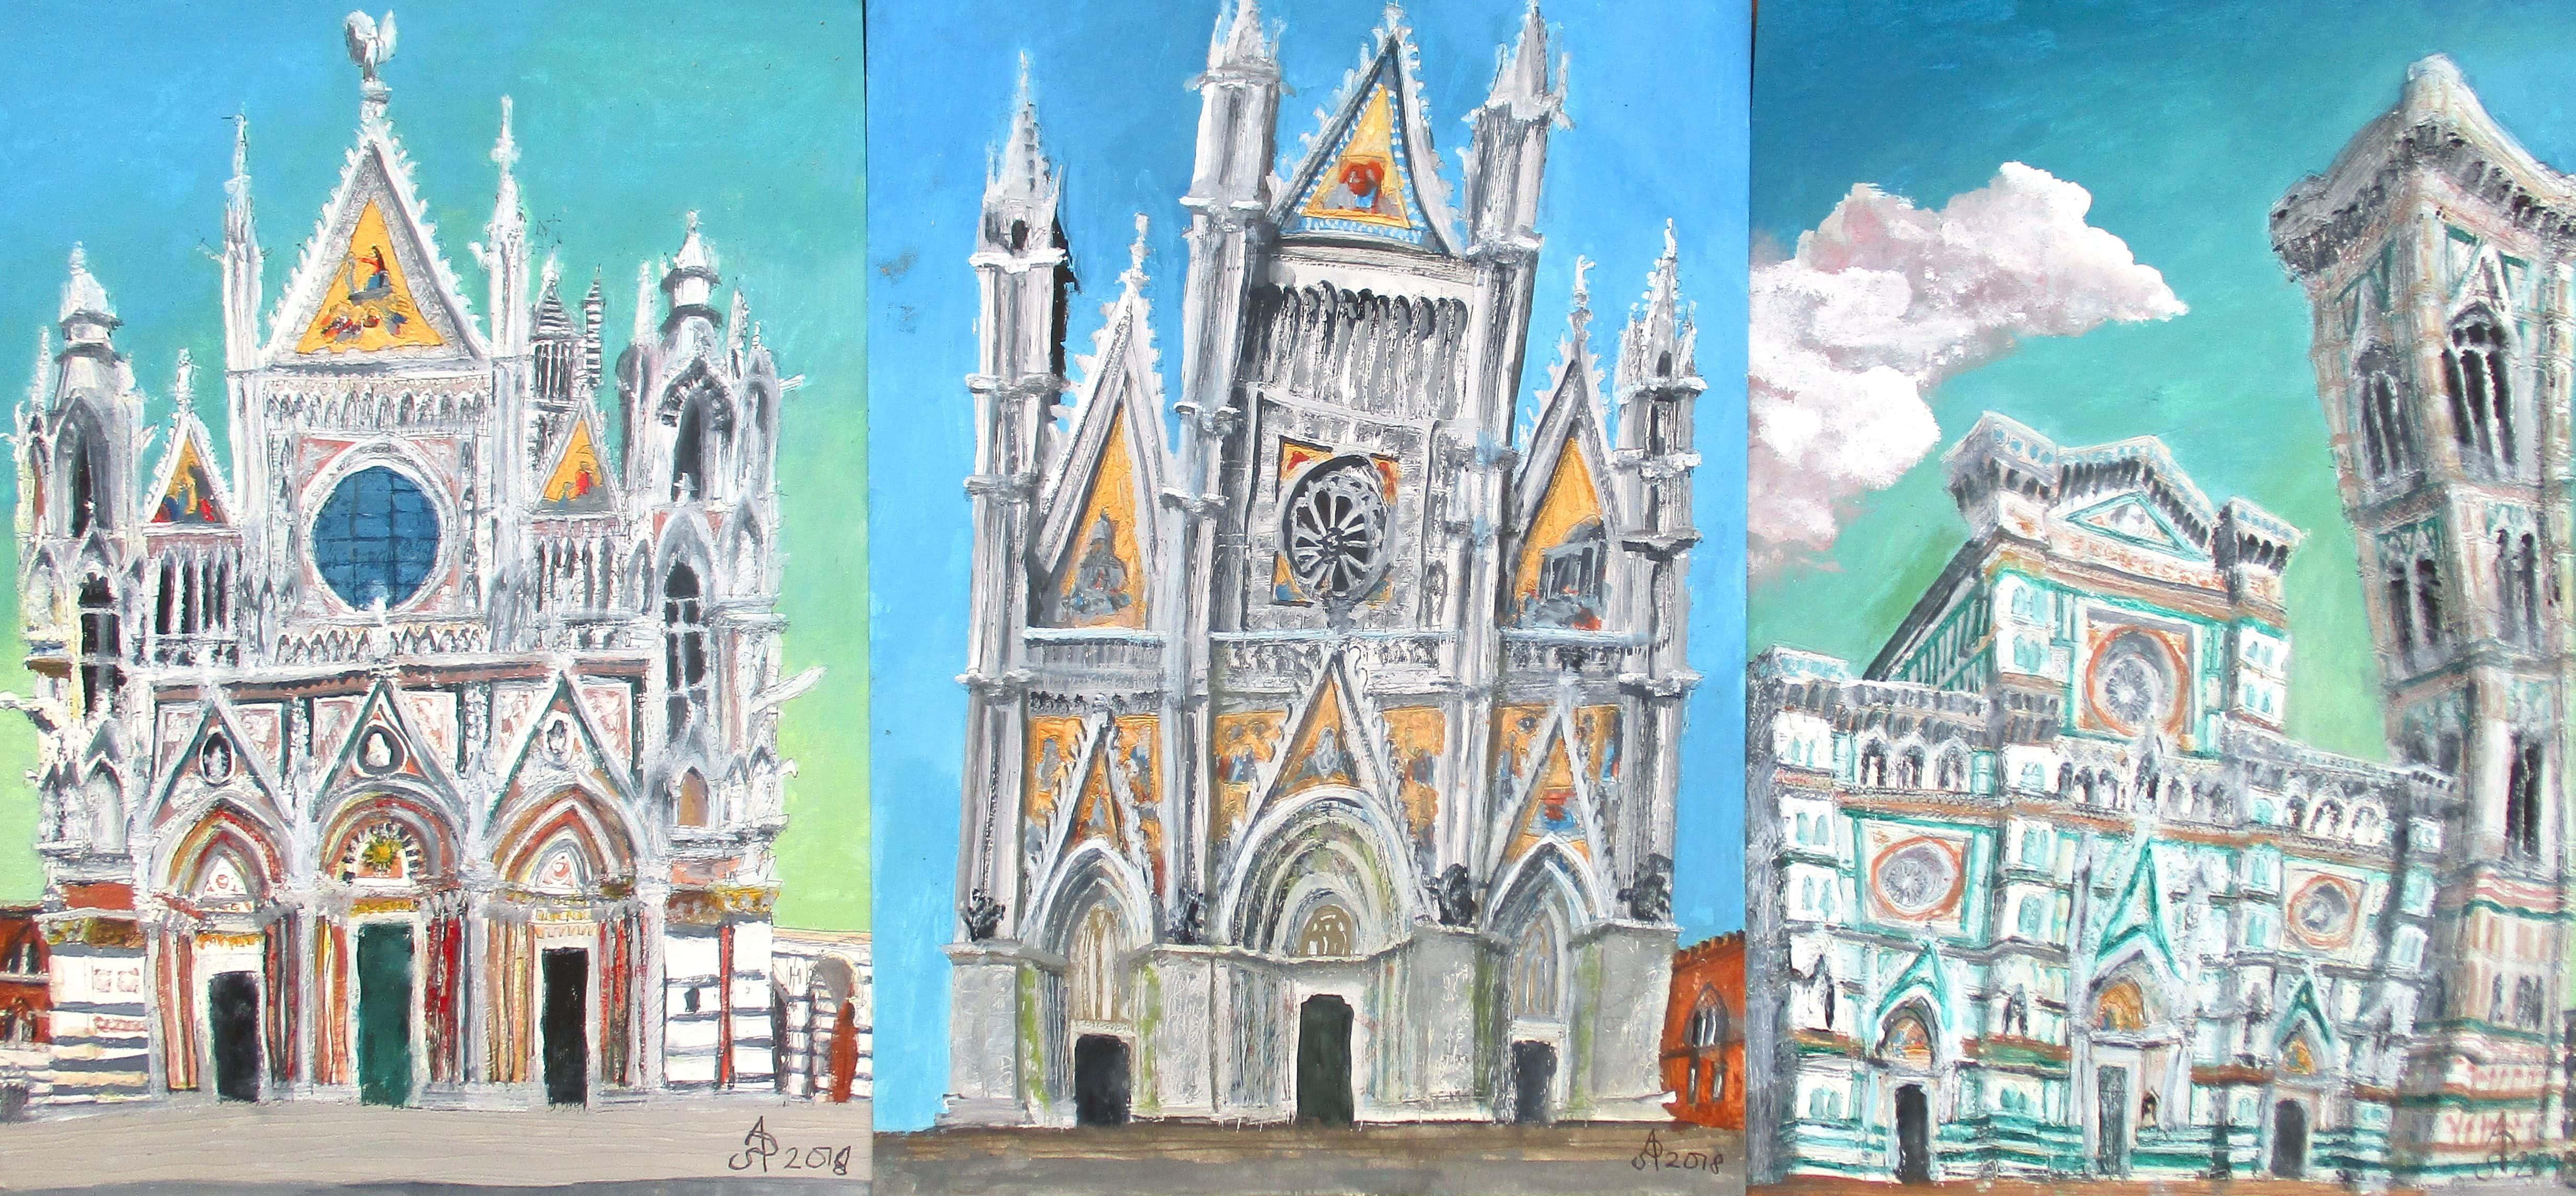 Fachadas de la catedrales de Siena, Orvieto y Florencia